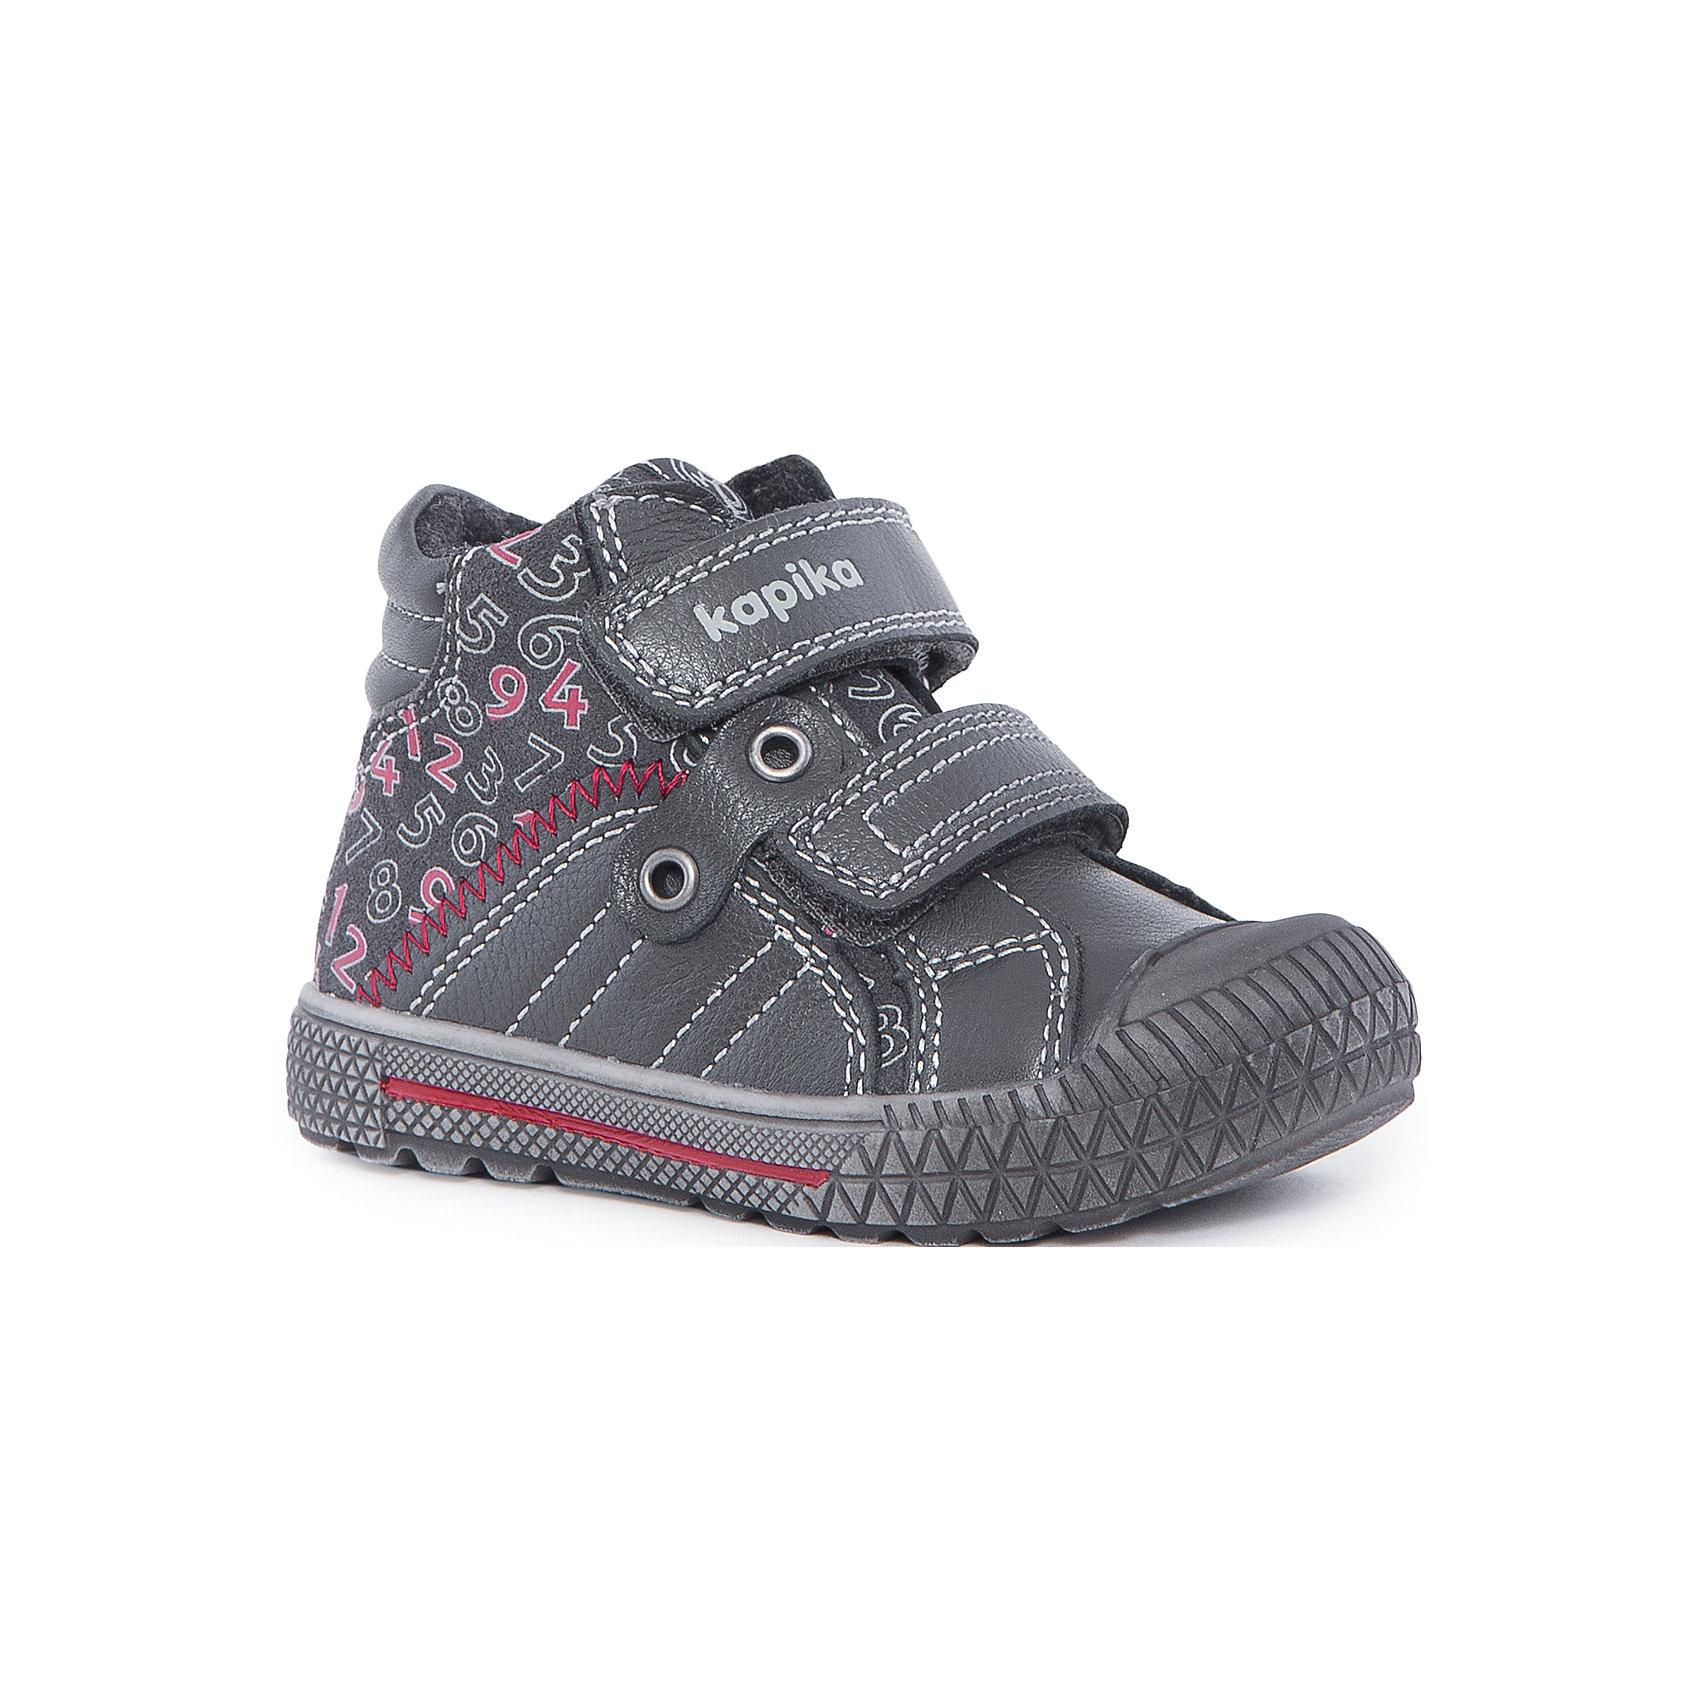 Ботинки для мальчика KAPIKAБотинки<br>Ботинки для мальчика KAPIKA – стиль, красота и тепло.<br>Красивые модные ботинки из натуральной кожи делают ходьбу комфортной и теплой. Ботинки сделаны с жестким задником и супинатором для правильного формирования ступни. Хорошо прилегают к ноге, закрепляясь двумя липучками. Прорезиненный нос и подошва.<br><br>Дополнительная информация:<br><br>- материал верха: натуральная кожа/искусственная кожа<br>- цвет: серо-черные<br><br>Ботинки для мальчика KAPIKA можно купить в нашем интернет магазине.<br><br>Ширина мм: 262<br>Глубина мм: 176<br>Высота мм: 97<br>Вес г: 427<br>Цвет: серый<br>Возраст от месяцев: 12<br>Возраст до месяцев: 15<br>Пол: Мужской<br>Возраст: Детский<br>Размер: 21,24,22,23<br>SKU: 4988000